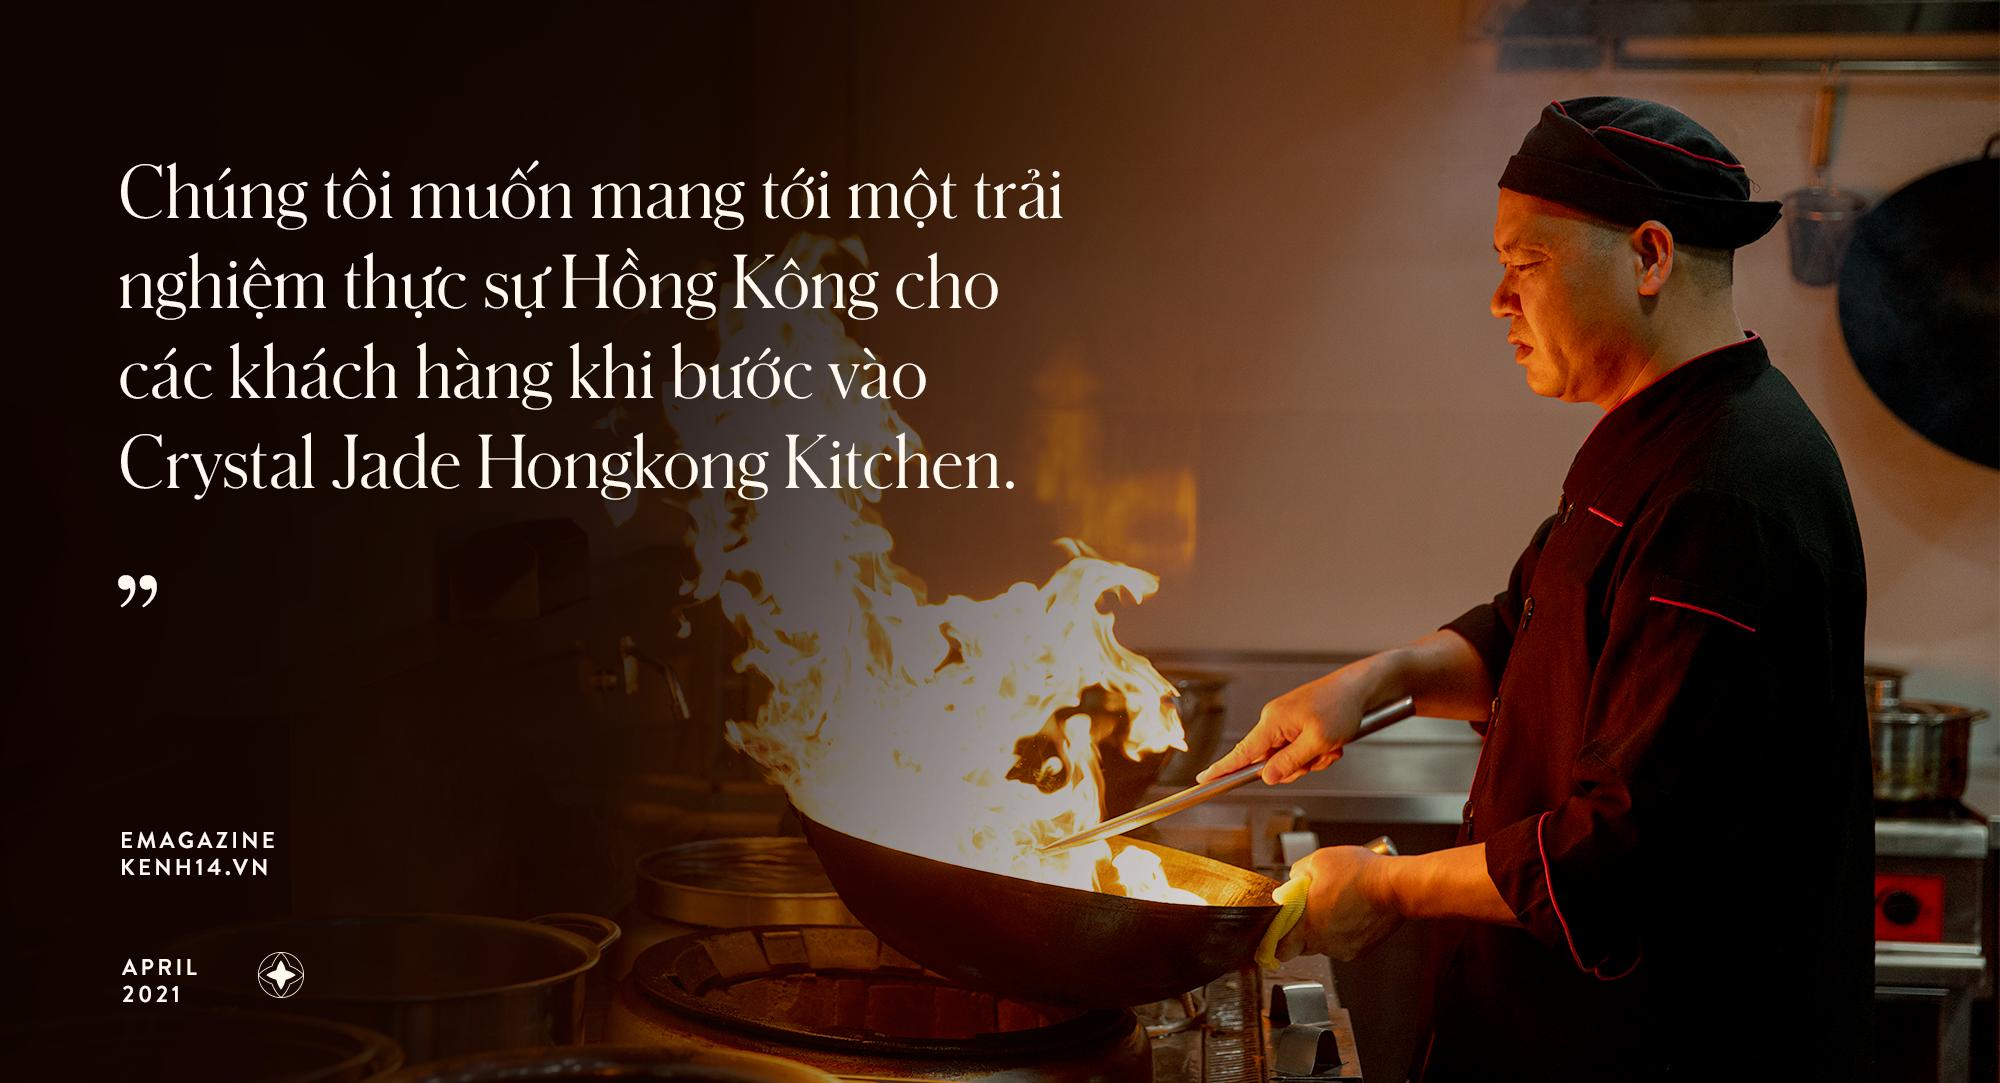 Hành trình mang phong vị ẩm thực Hồng Kông 30 năm đẳng cấp Michelin từ Singapore tới Hà Nội - Ảnh 6.